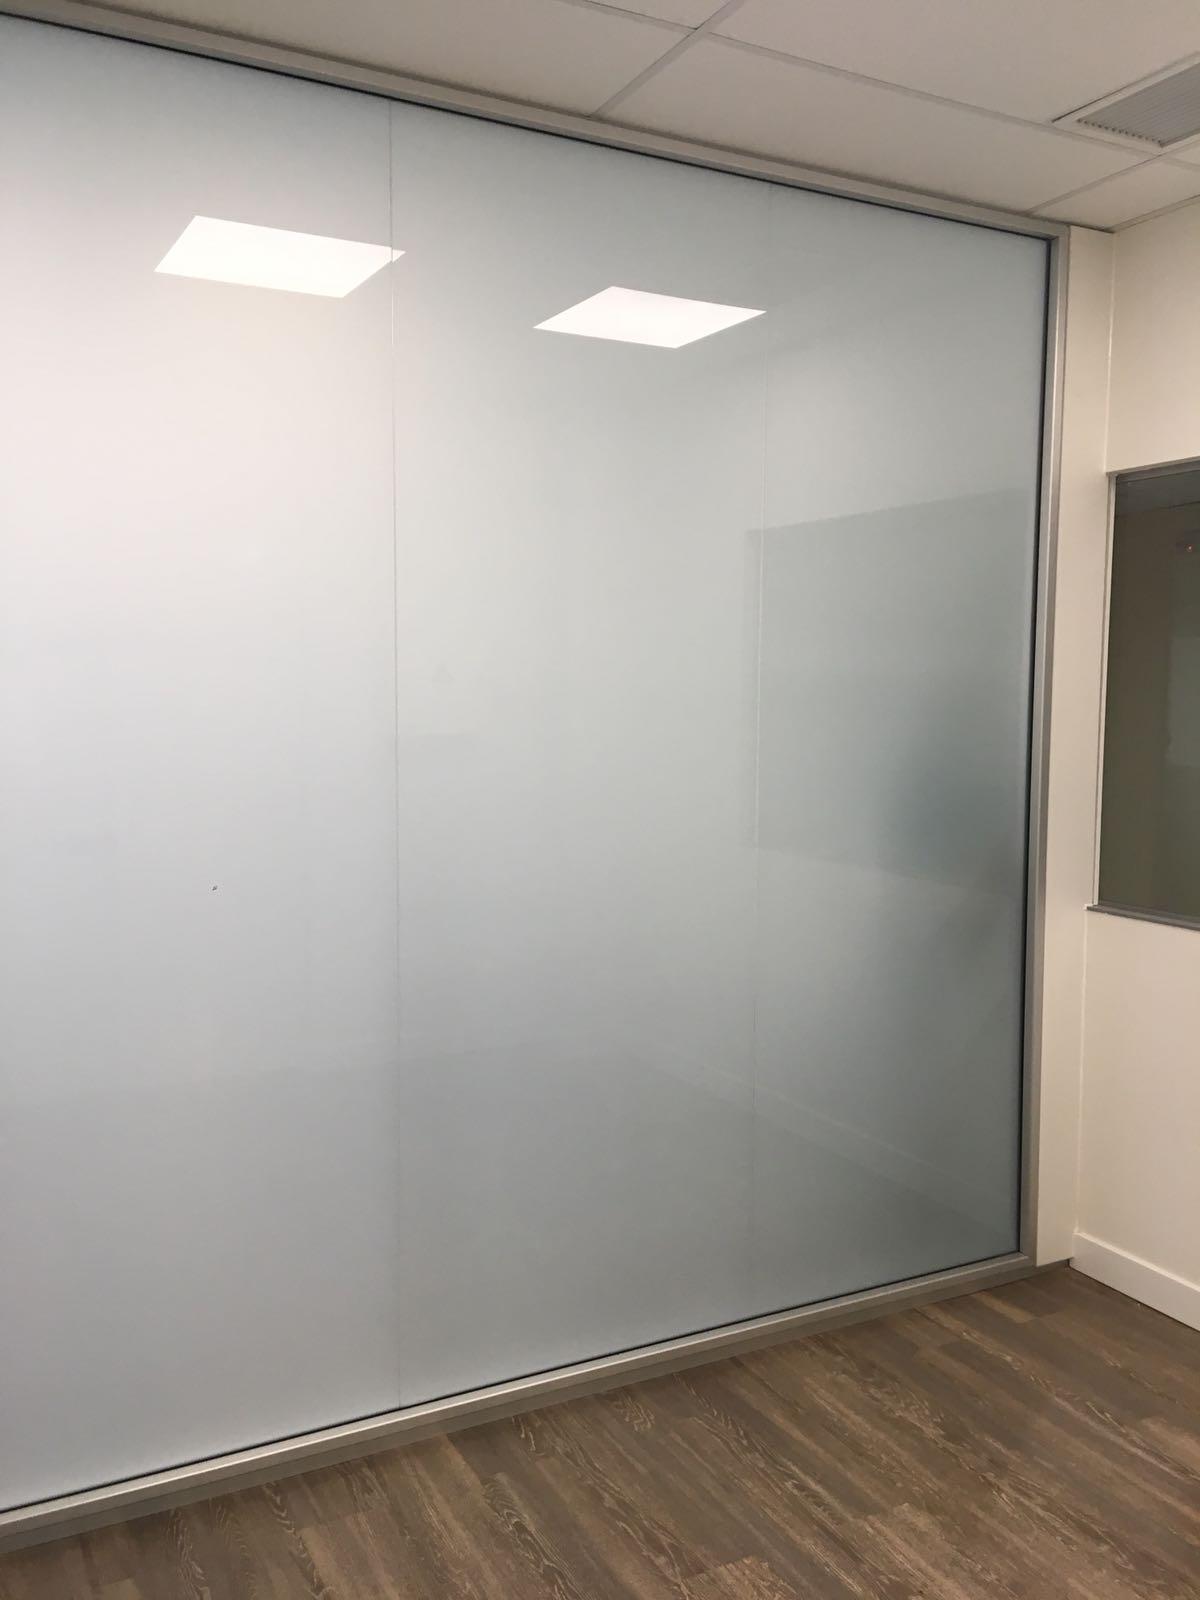 mamparas divisorias de vidrio